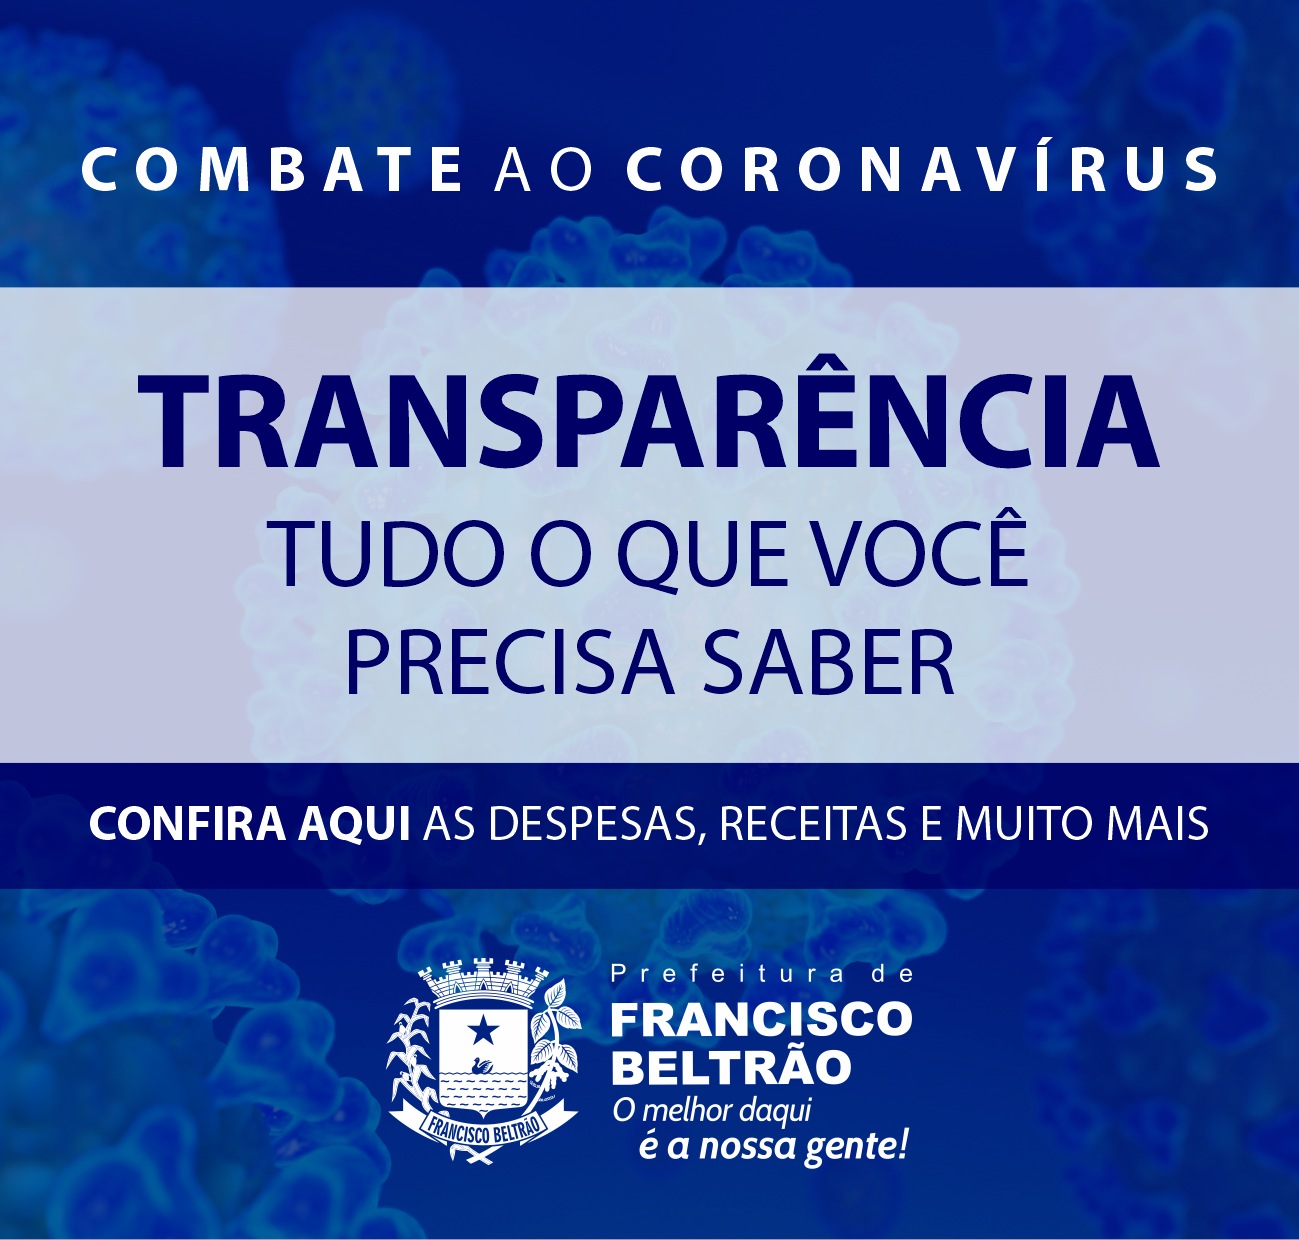 COMBATE AO CORONAVÍRUS - TRANSPARÊNCIA